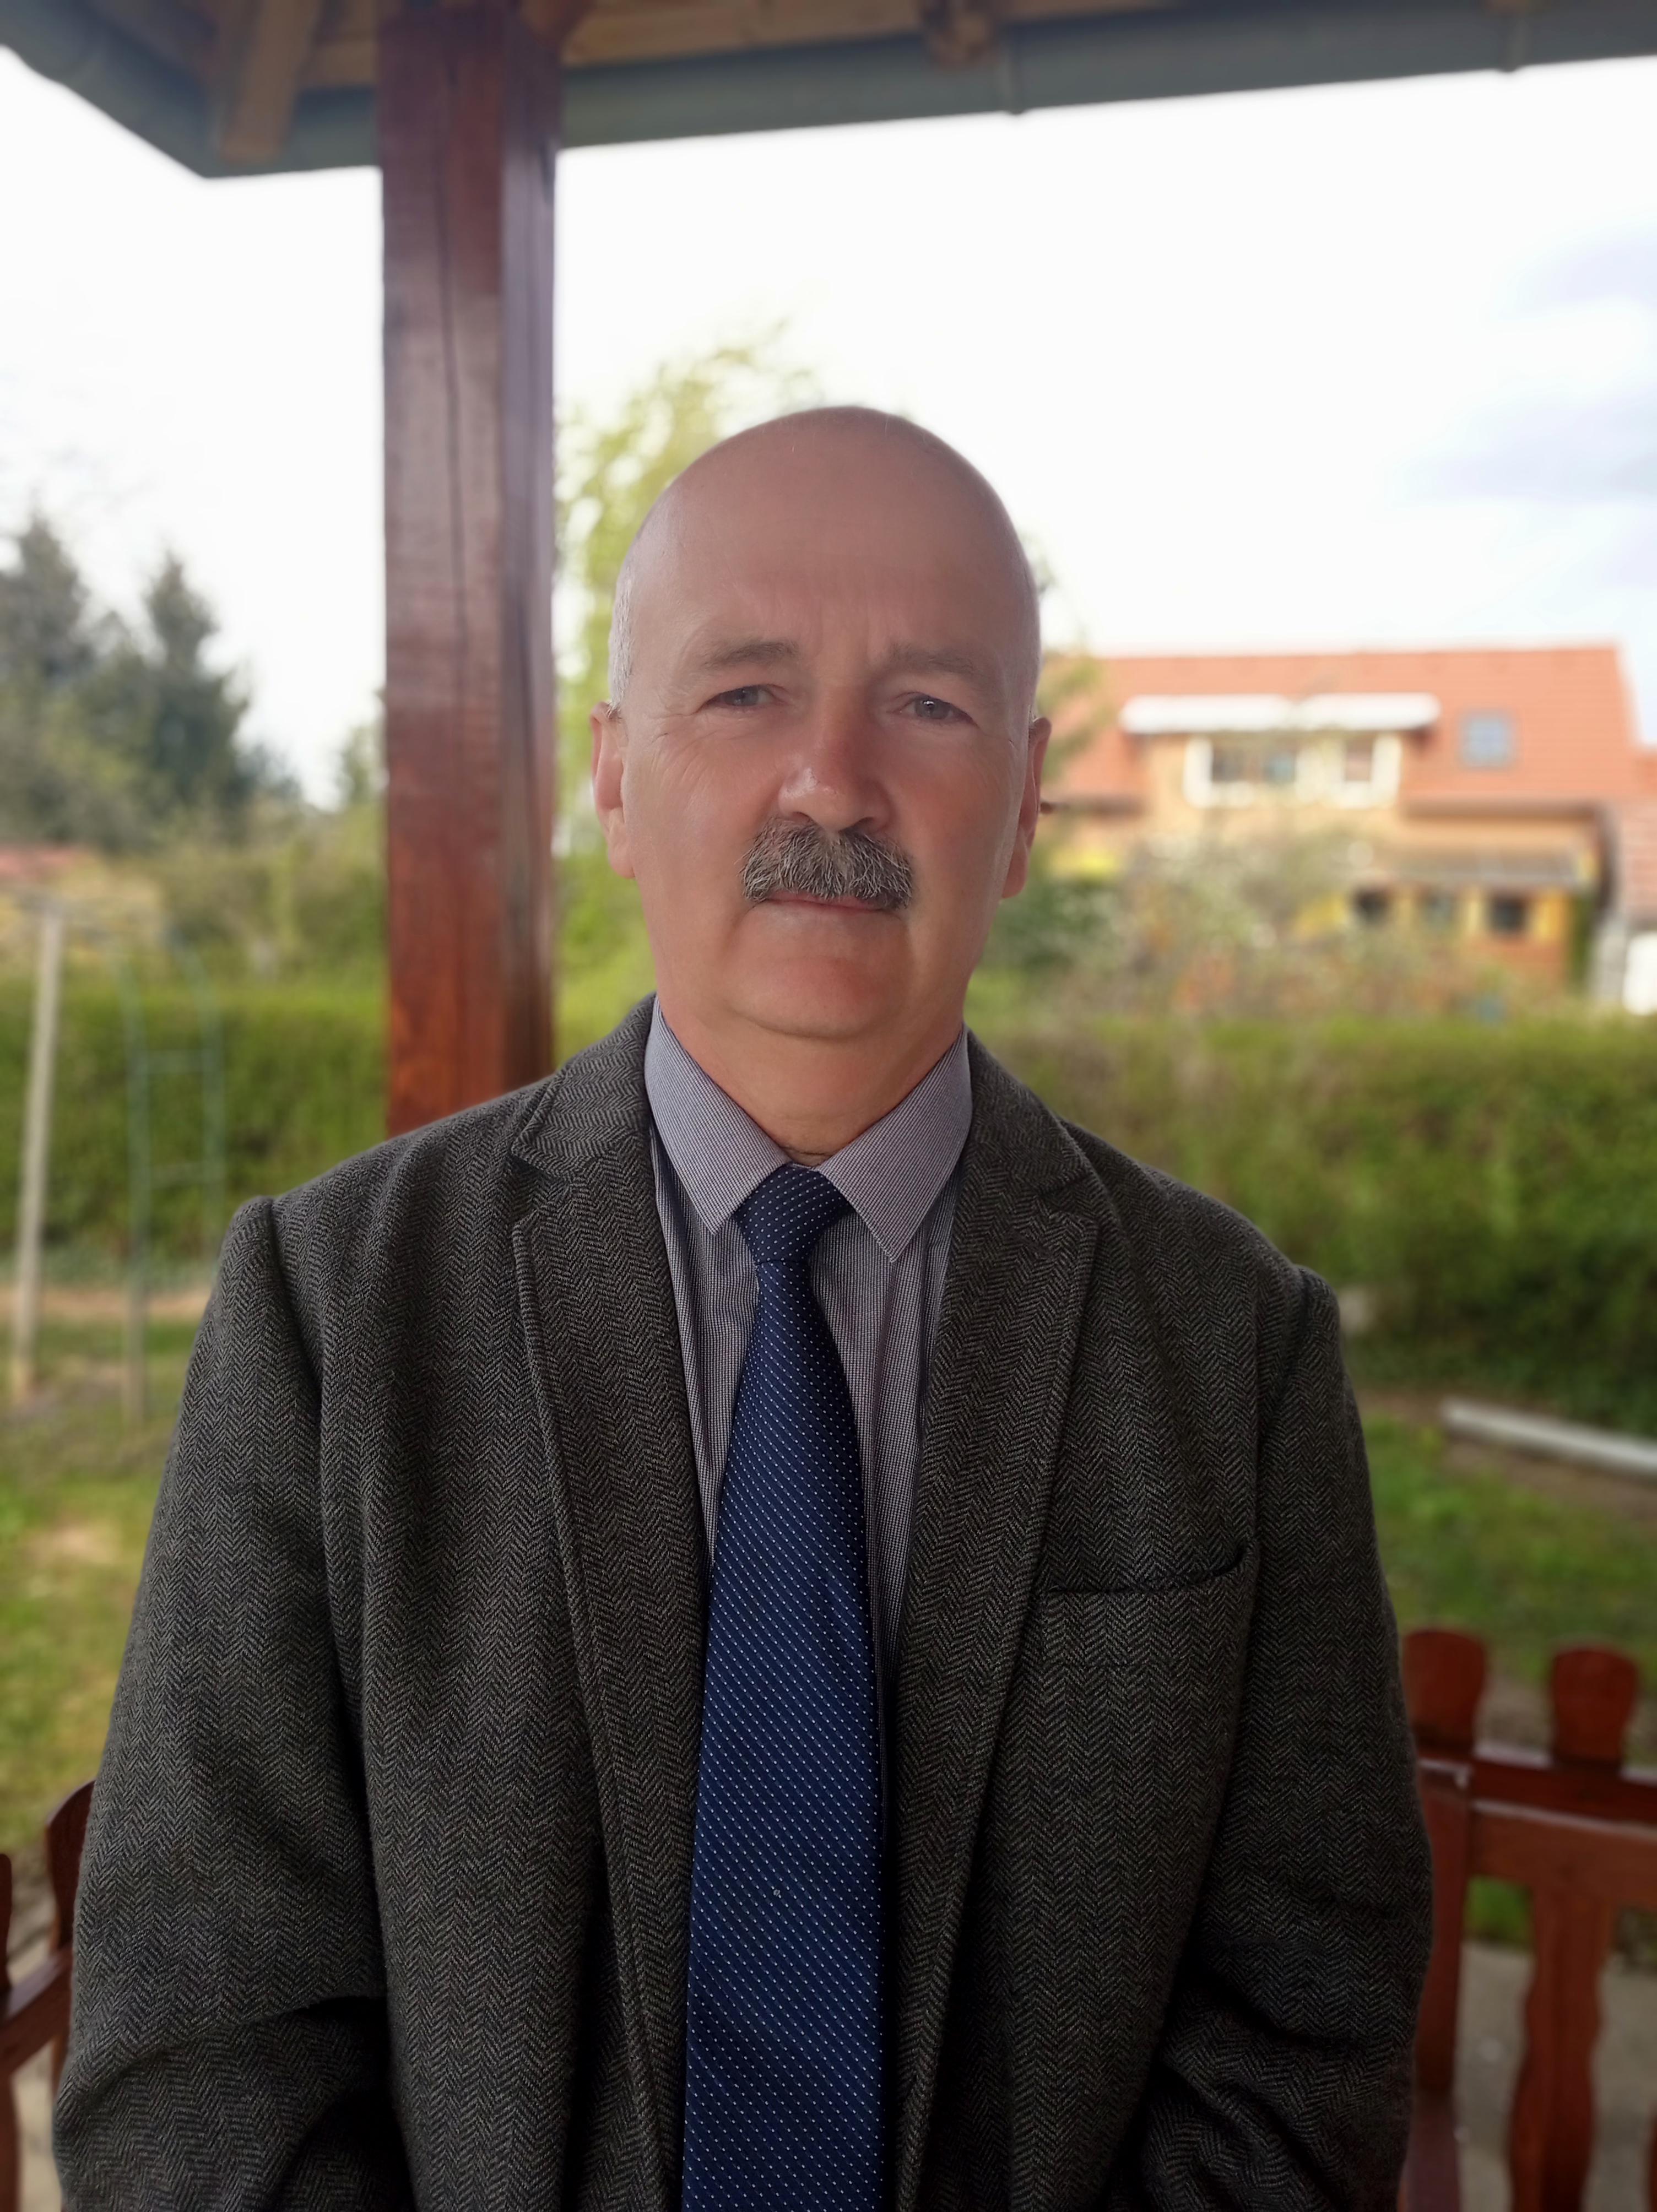 Kiss Zoltán a kőszegi Jurisich Miklós Gimnázium és Kollégium tanára, a BÉT Részvényfutam 2021 Legjobb Tanár díjazottja